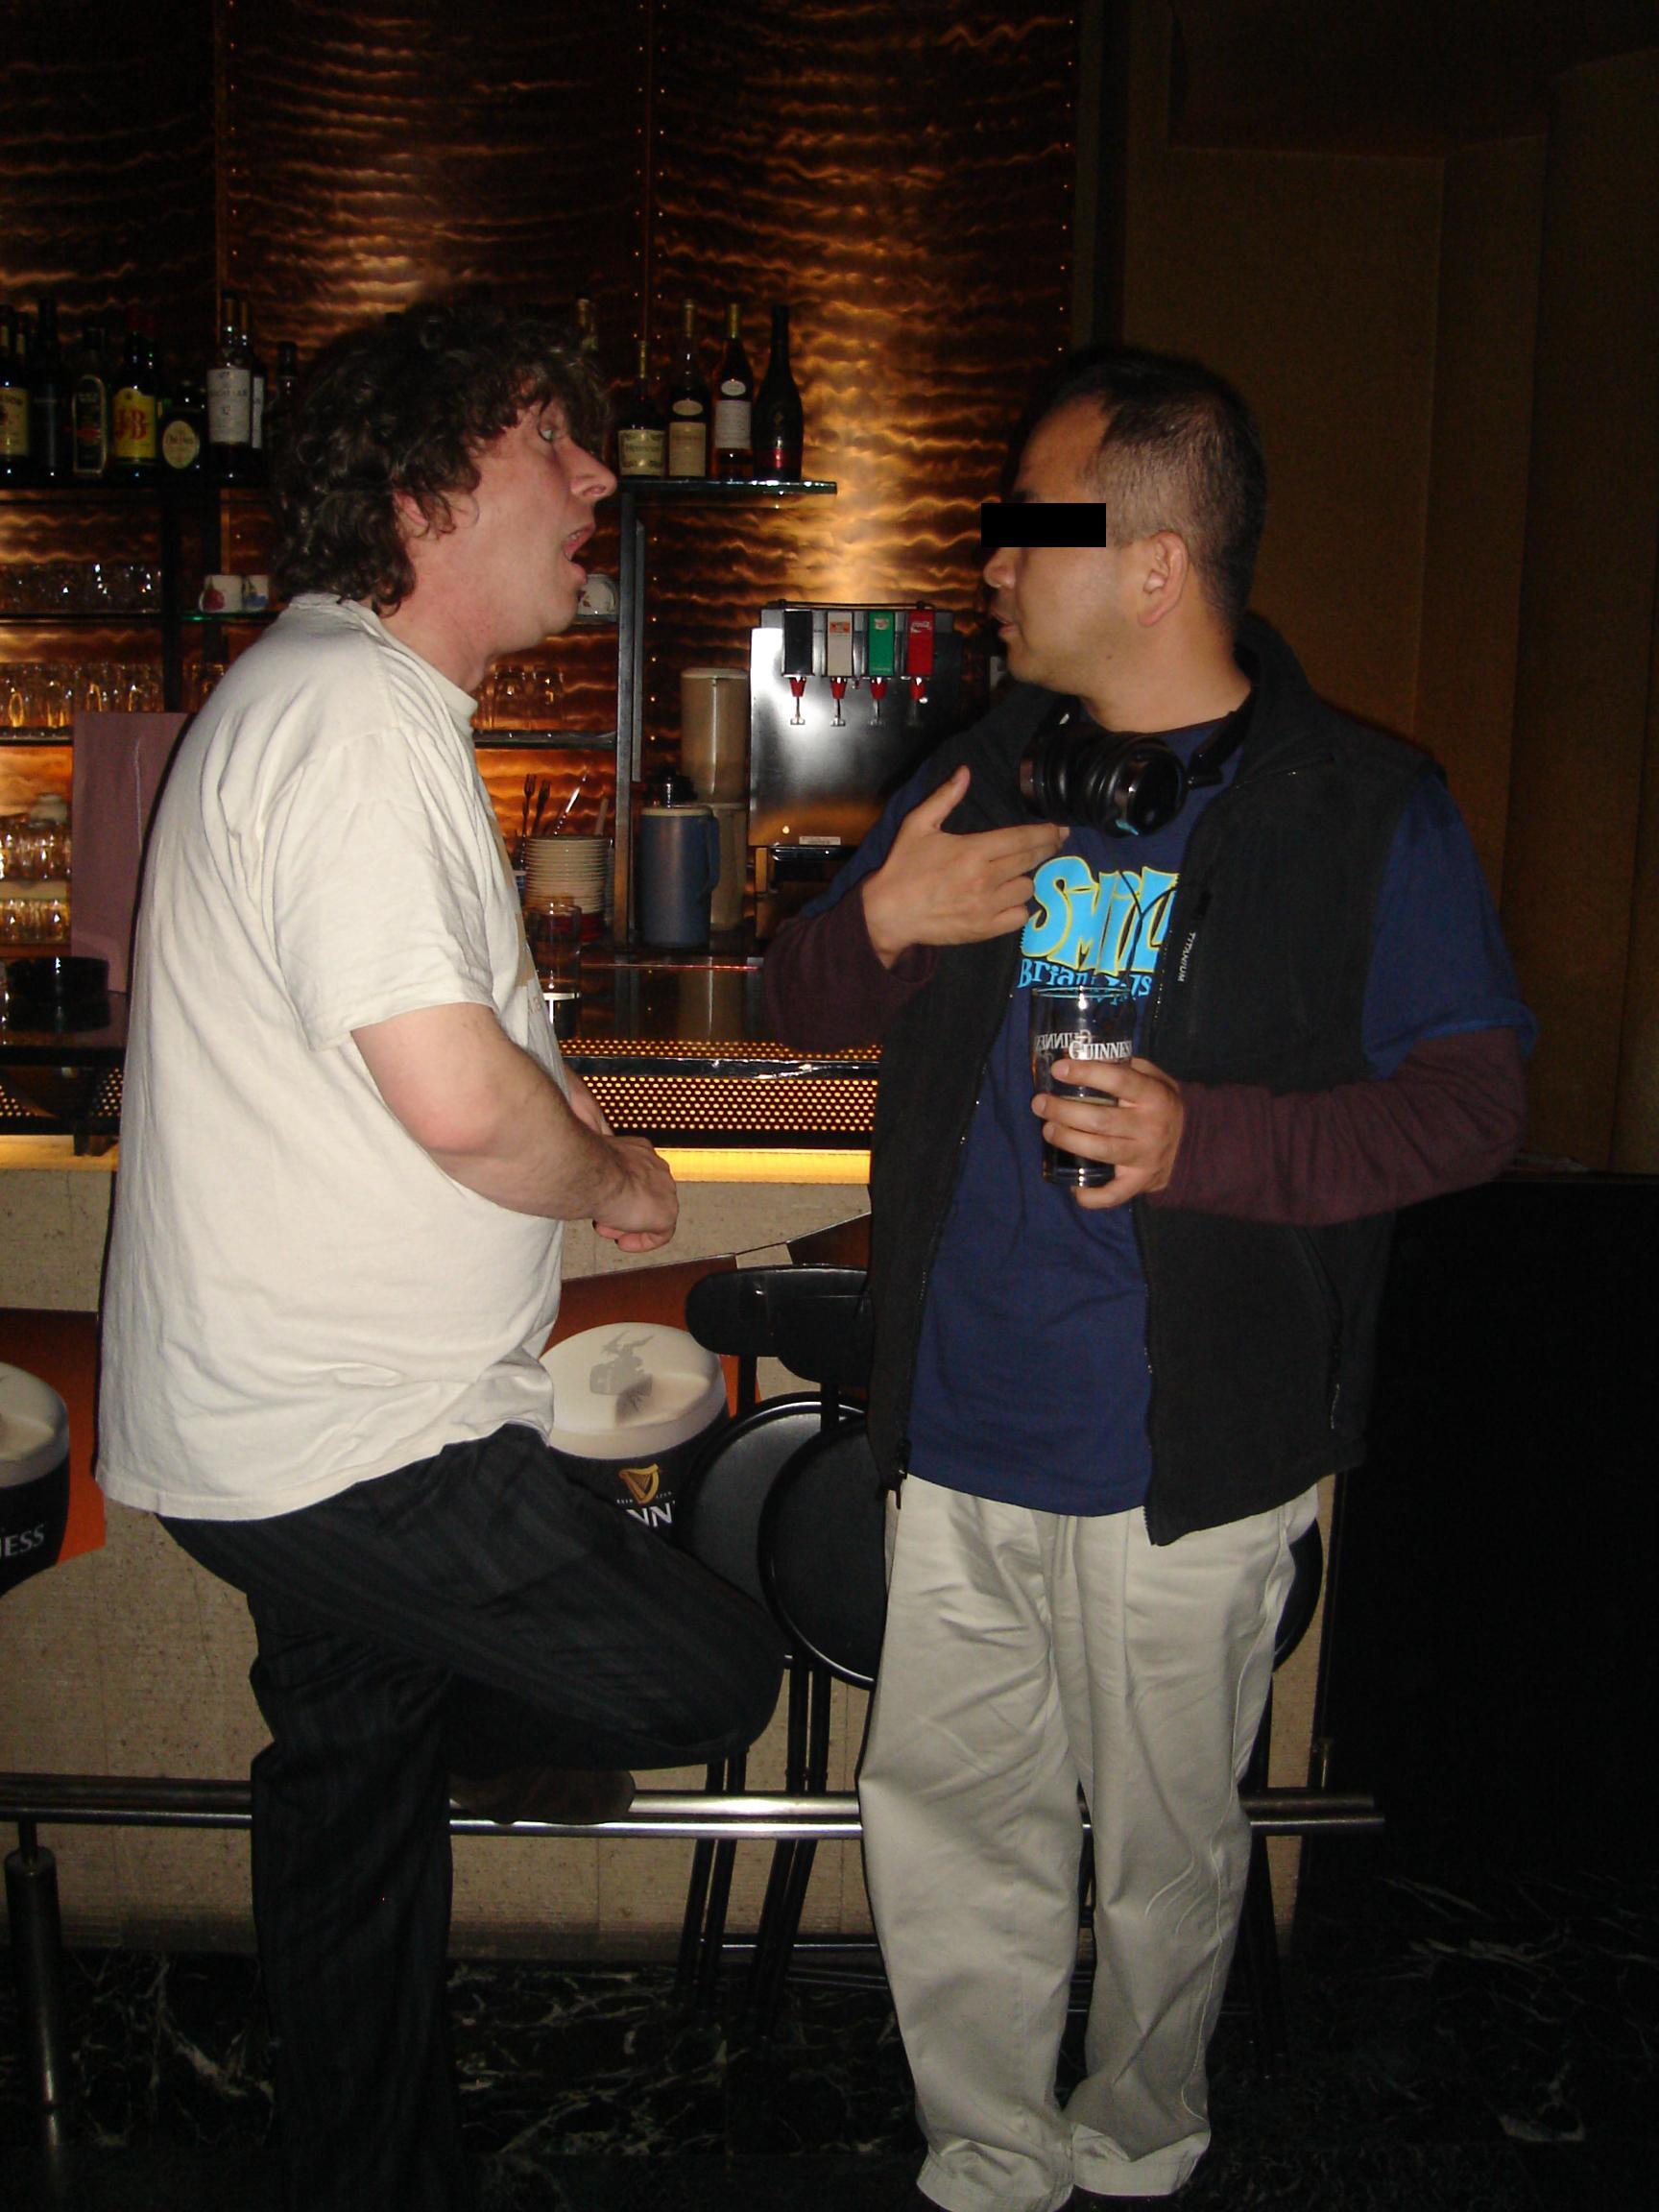 Glenn & Me